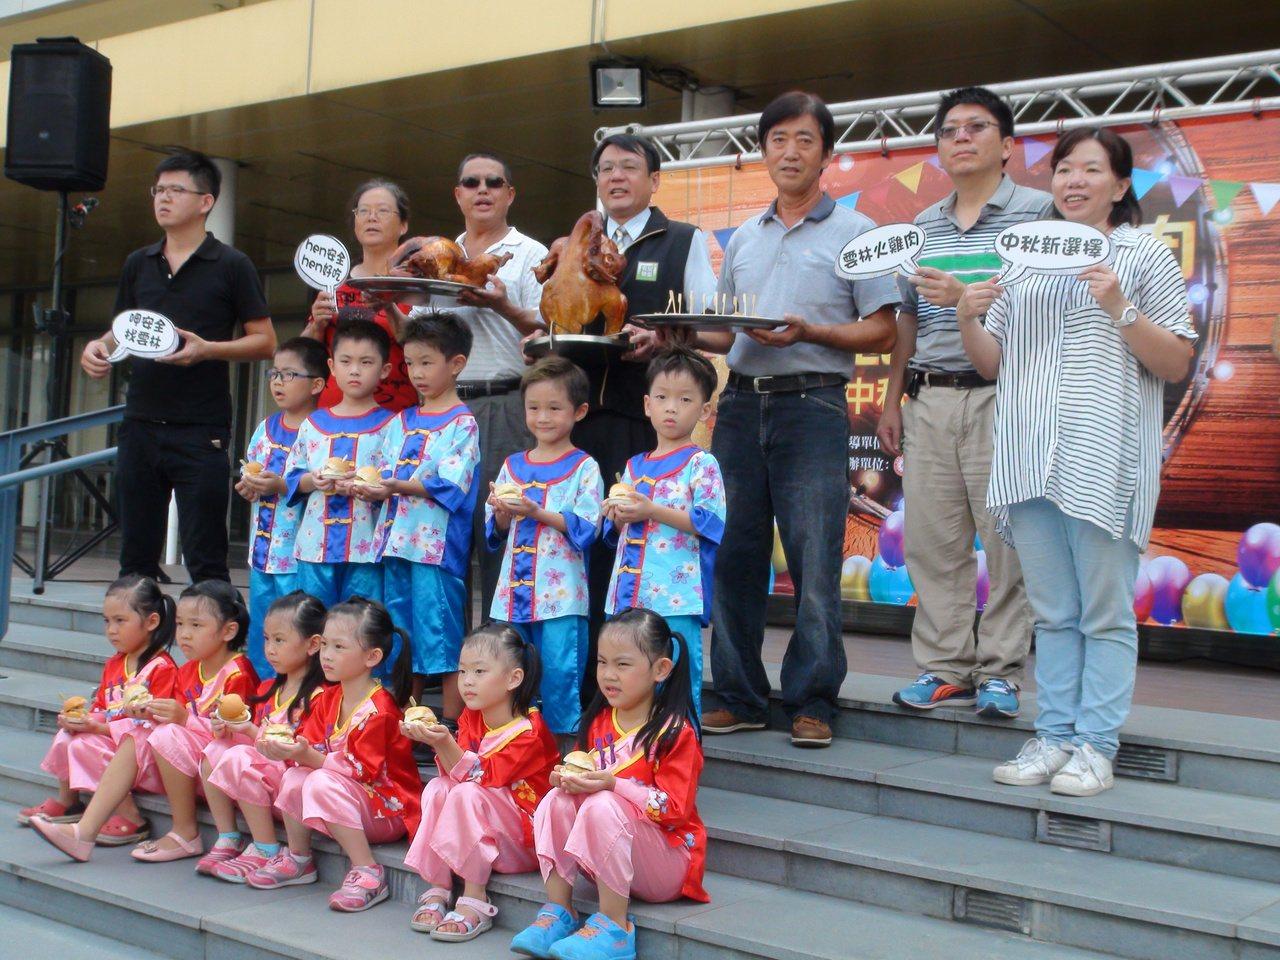 中秋節即將來到,雲林縣政府與中華民國養火雞協會今天舉辦火雞肉行銷推廣活動,鼓勵民...